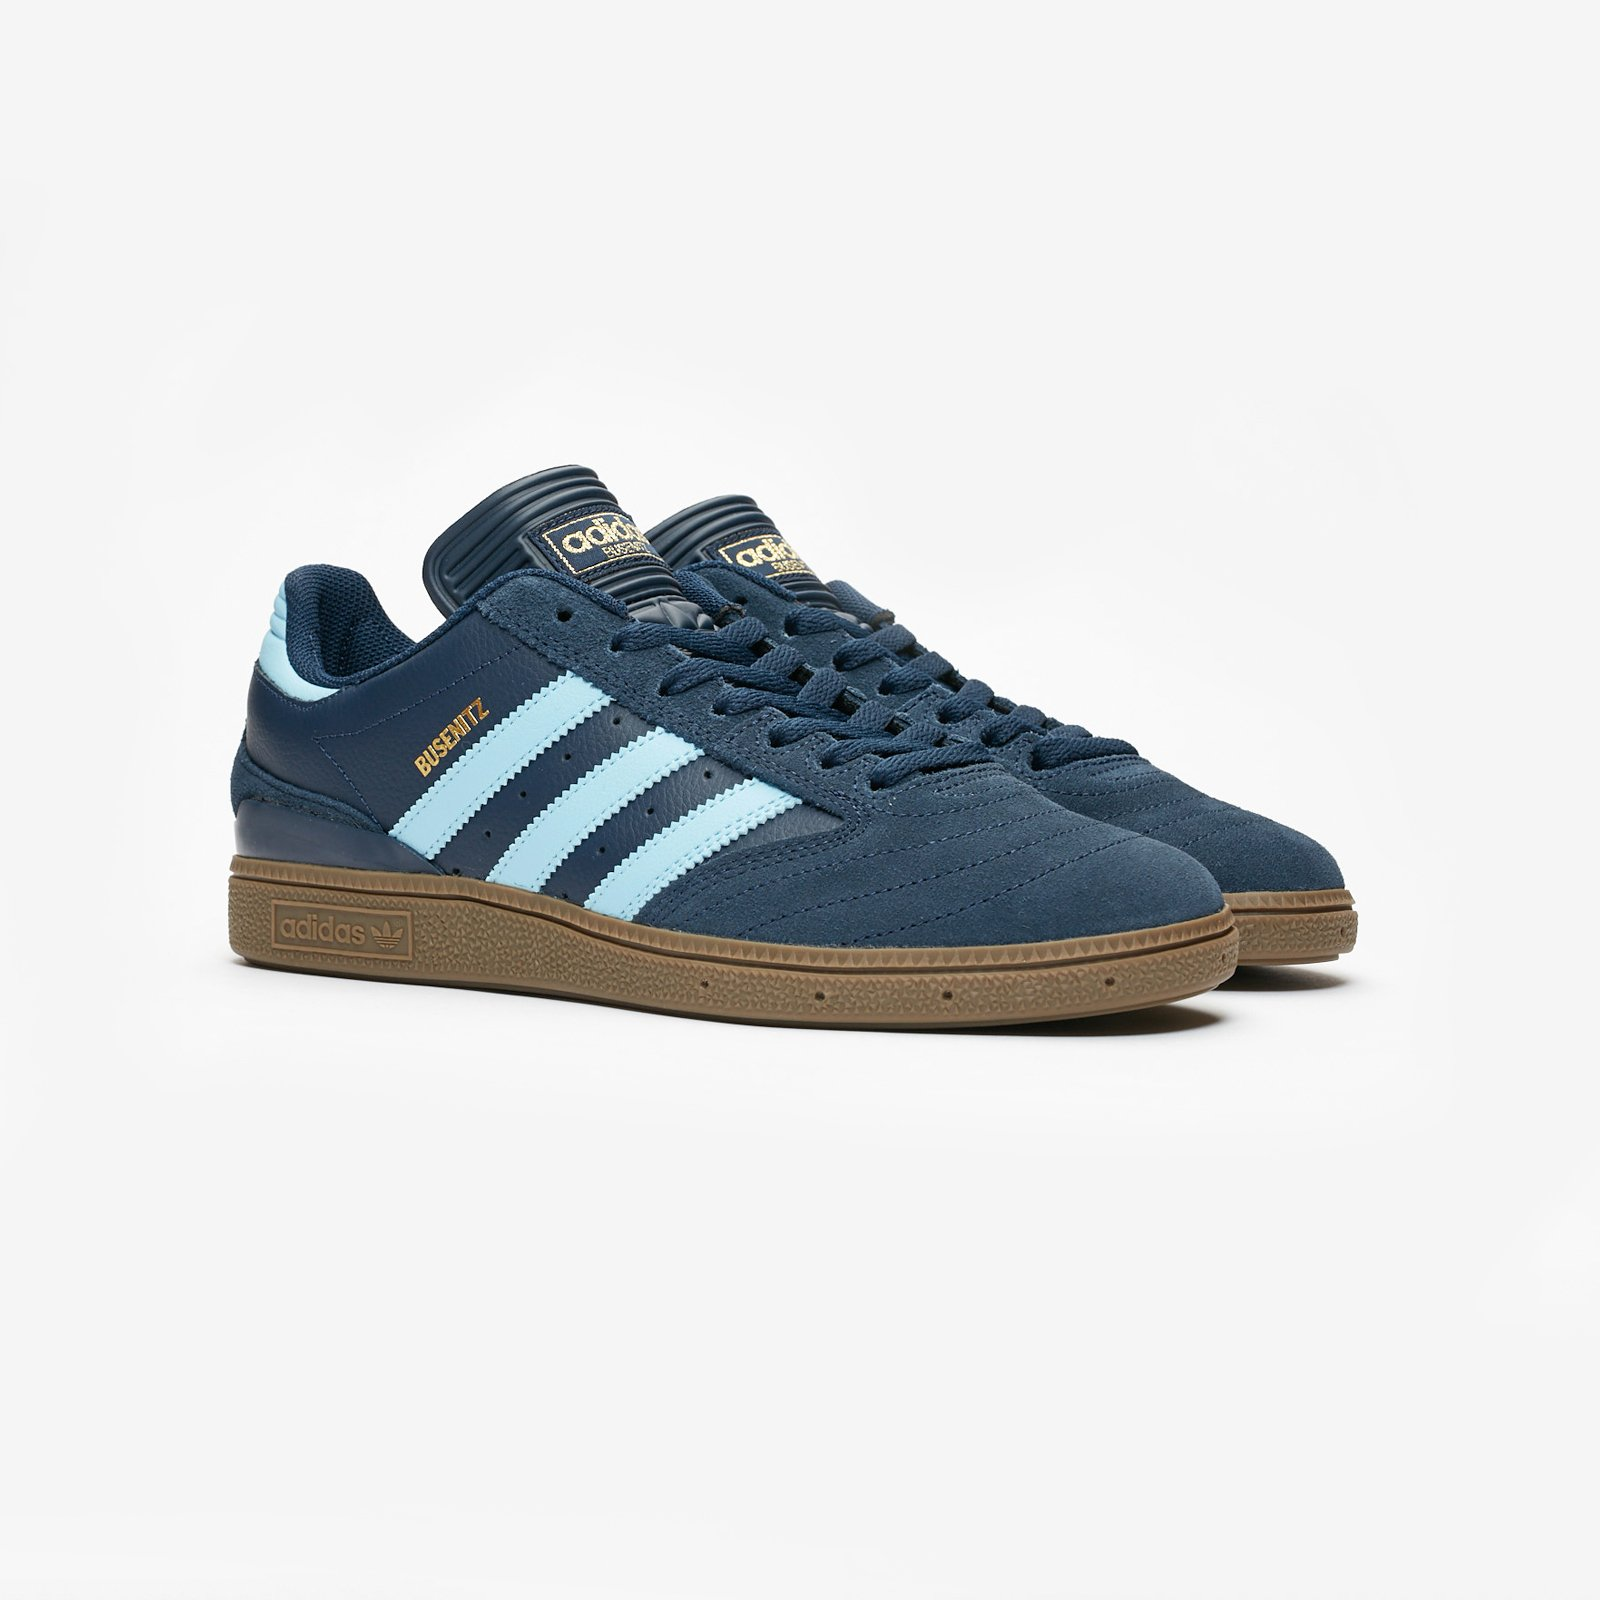 size 40 a395f 9e706 adidas Skateboarding Busenitz